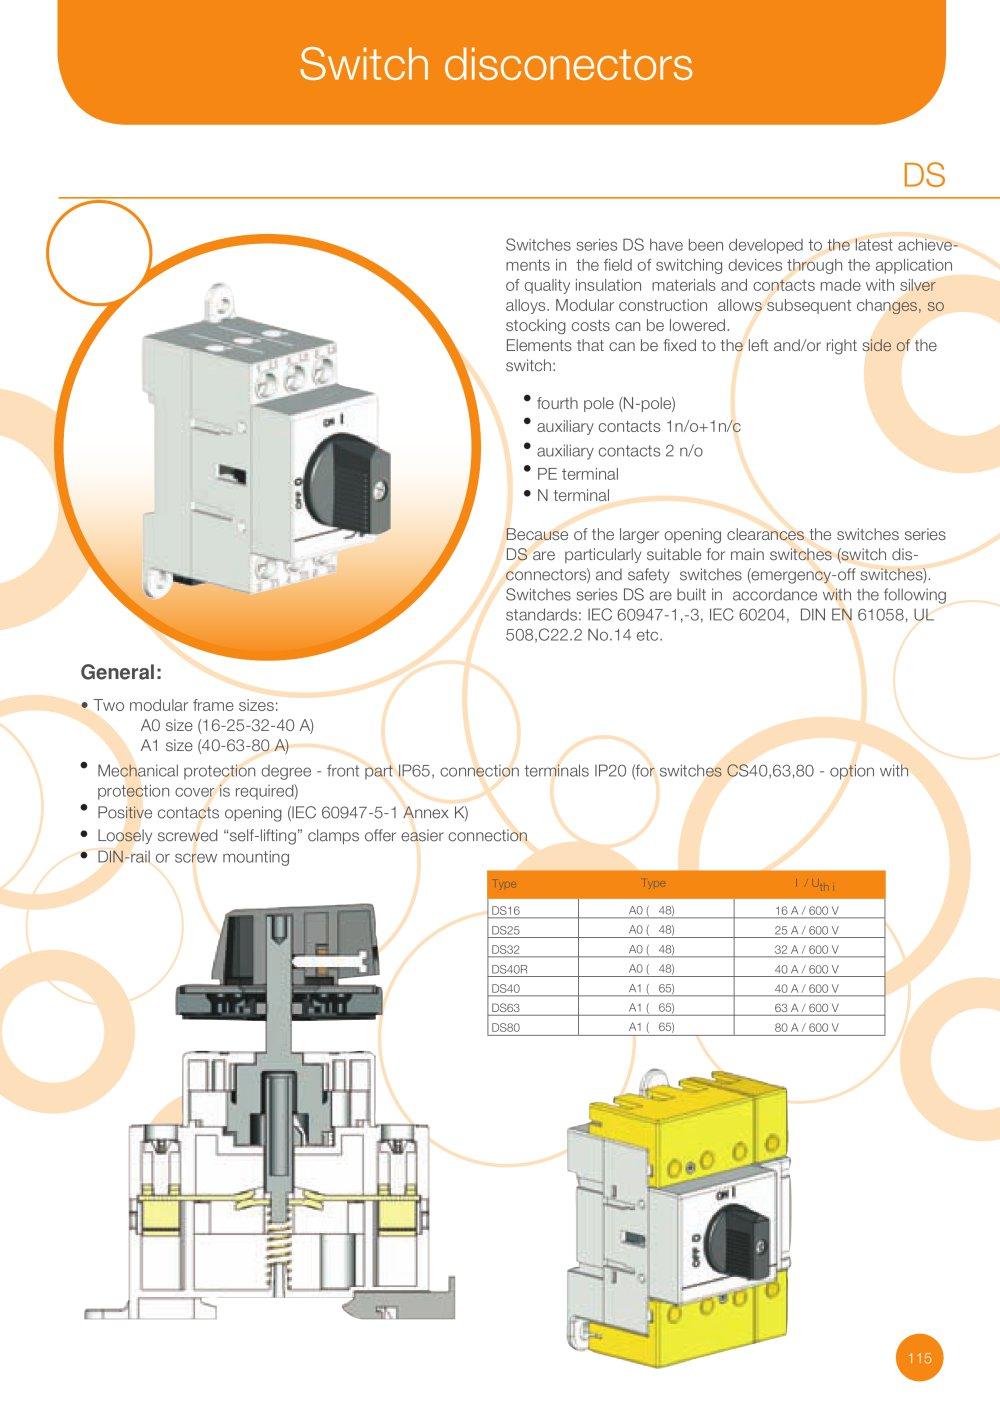 Iec 60947-1 Pdf